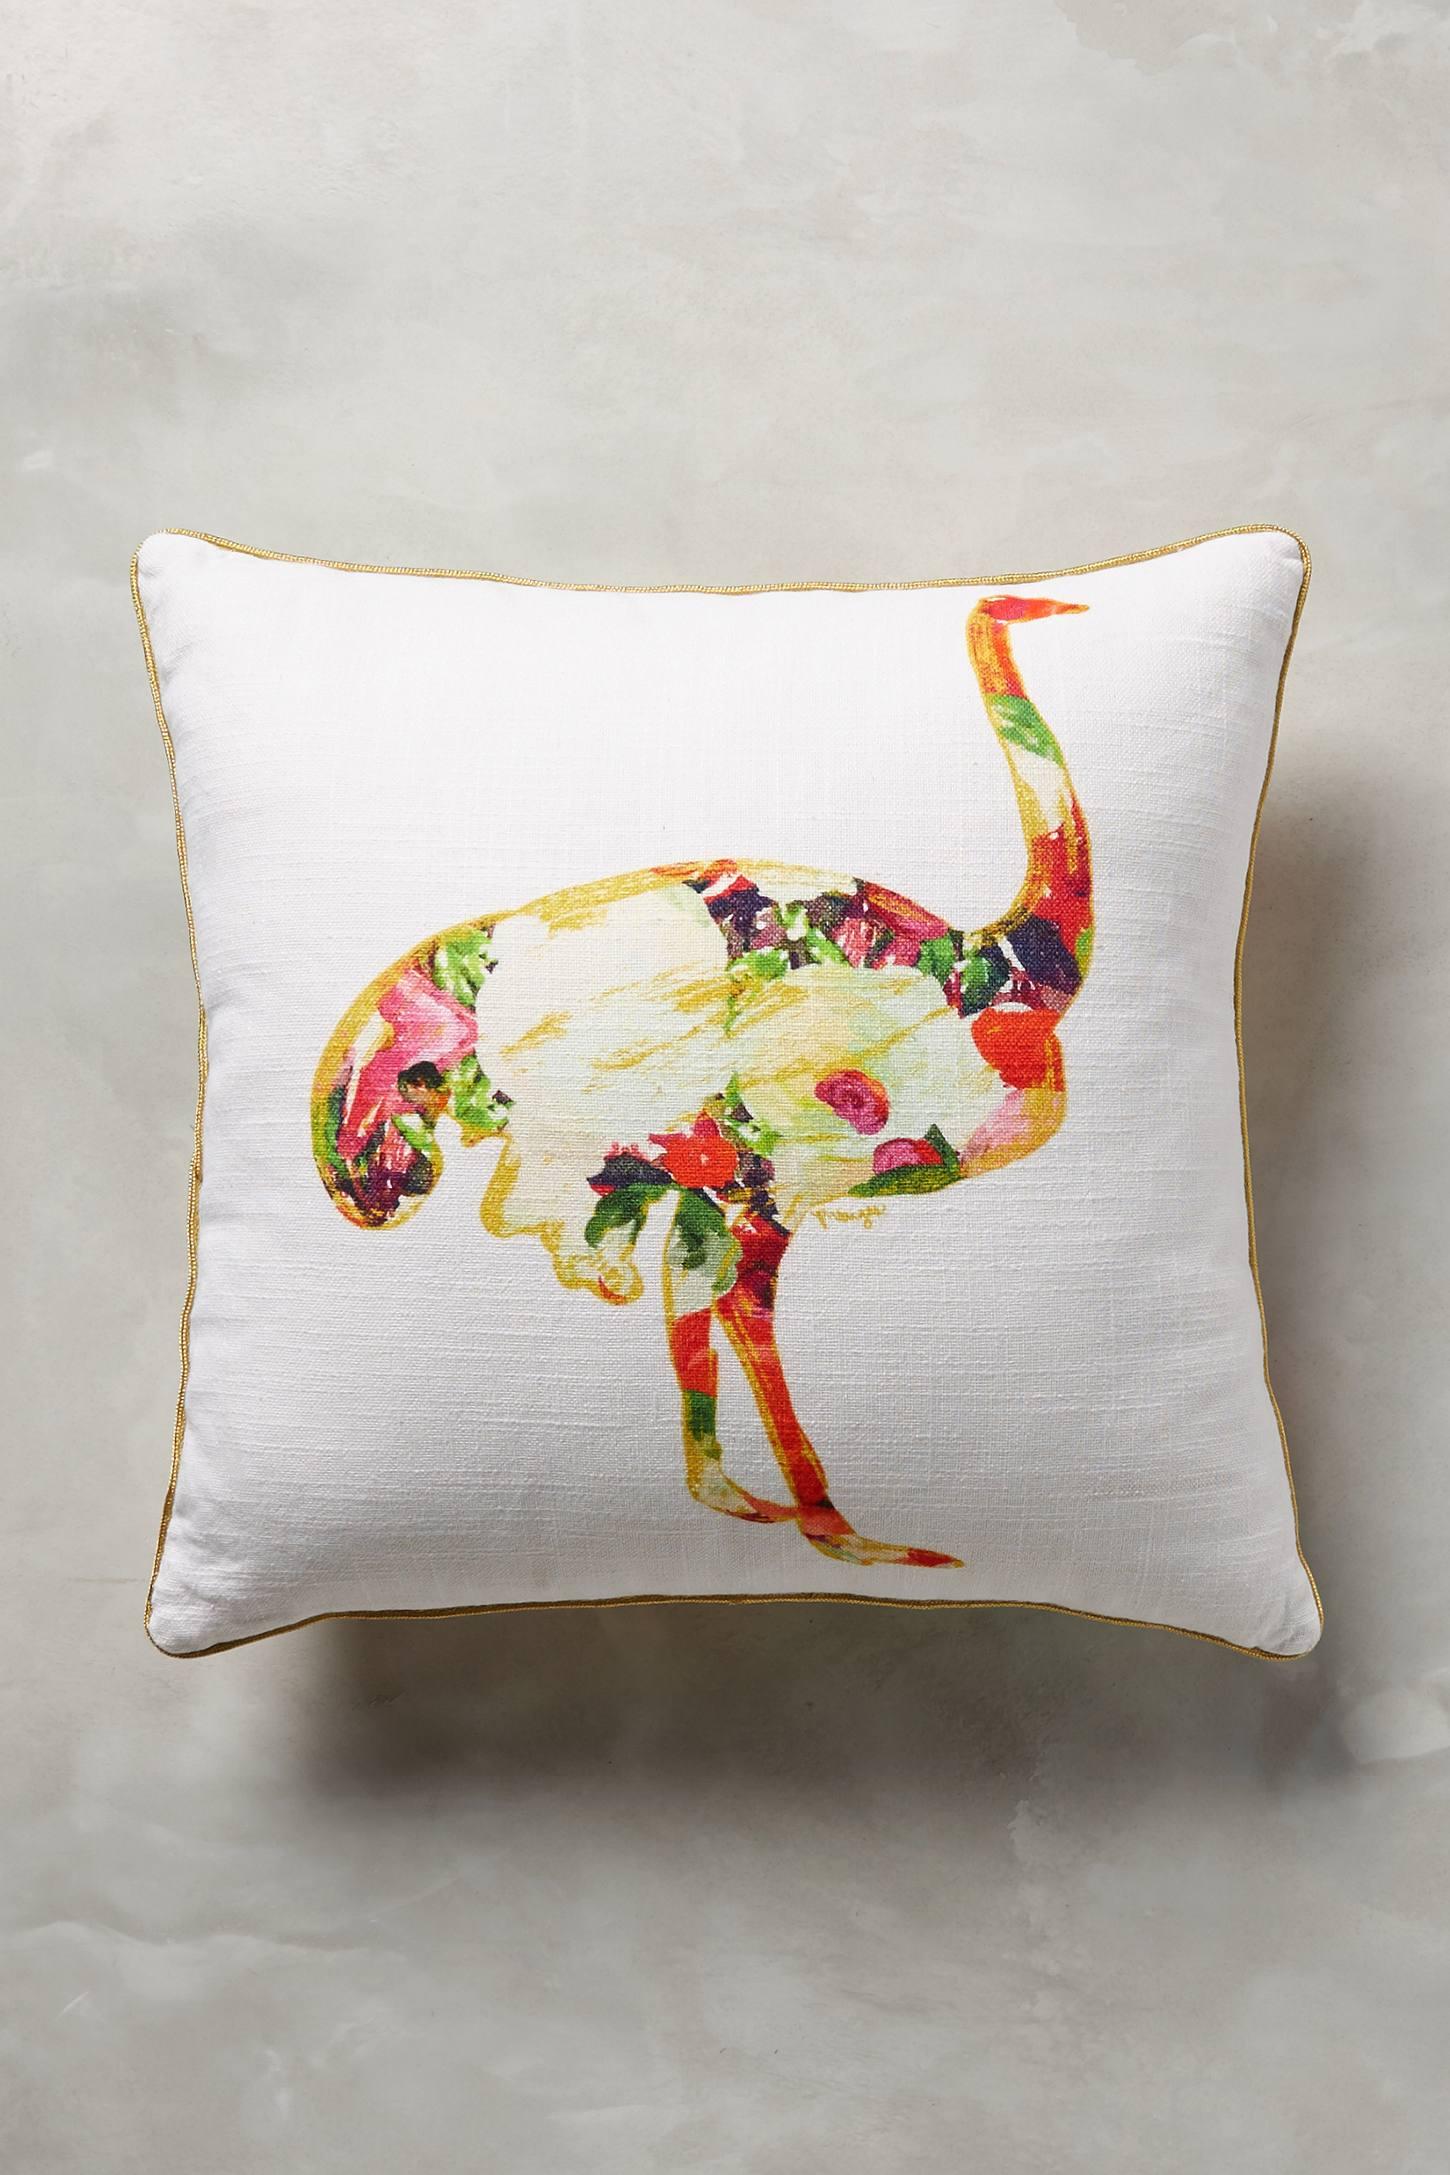 Collaged Fauna Cushion